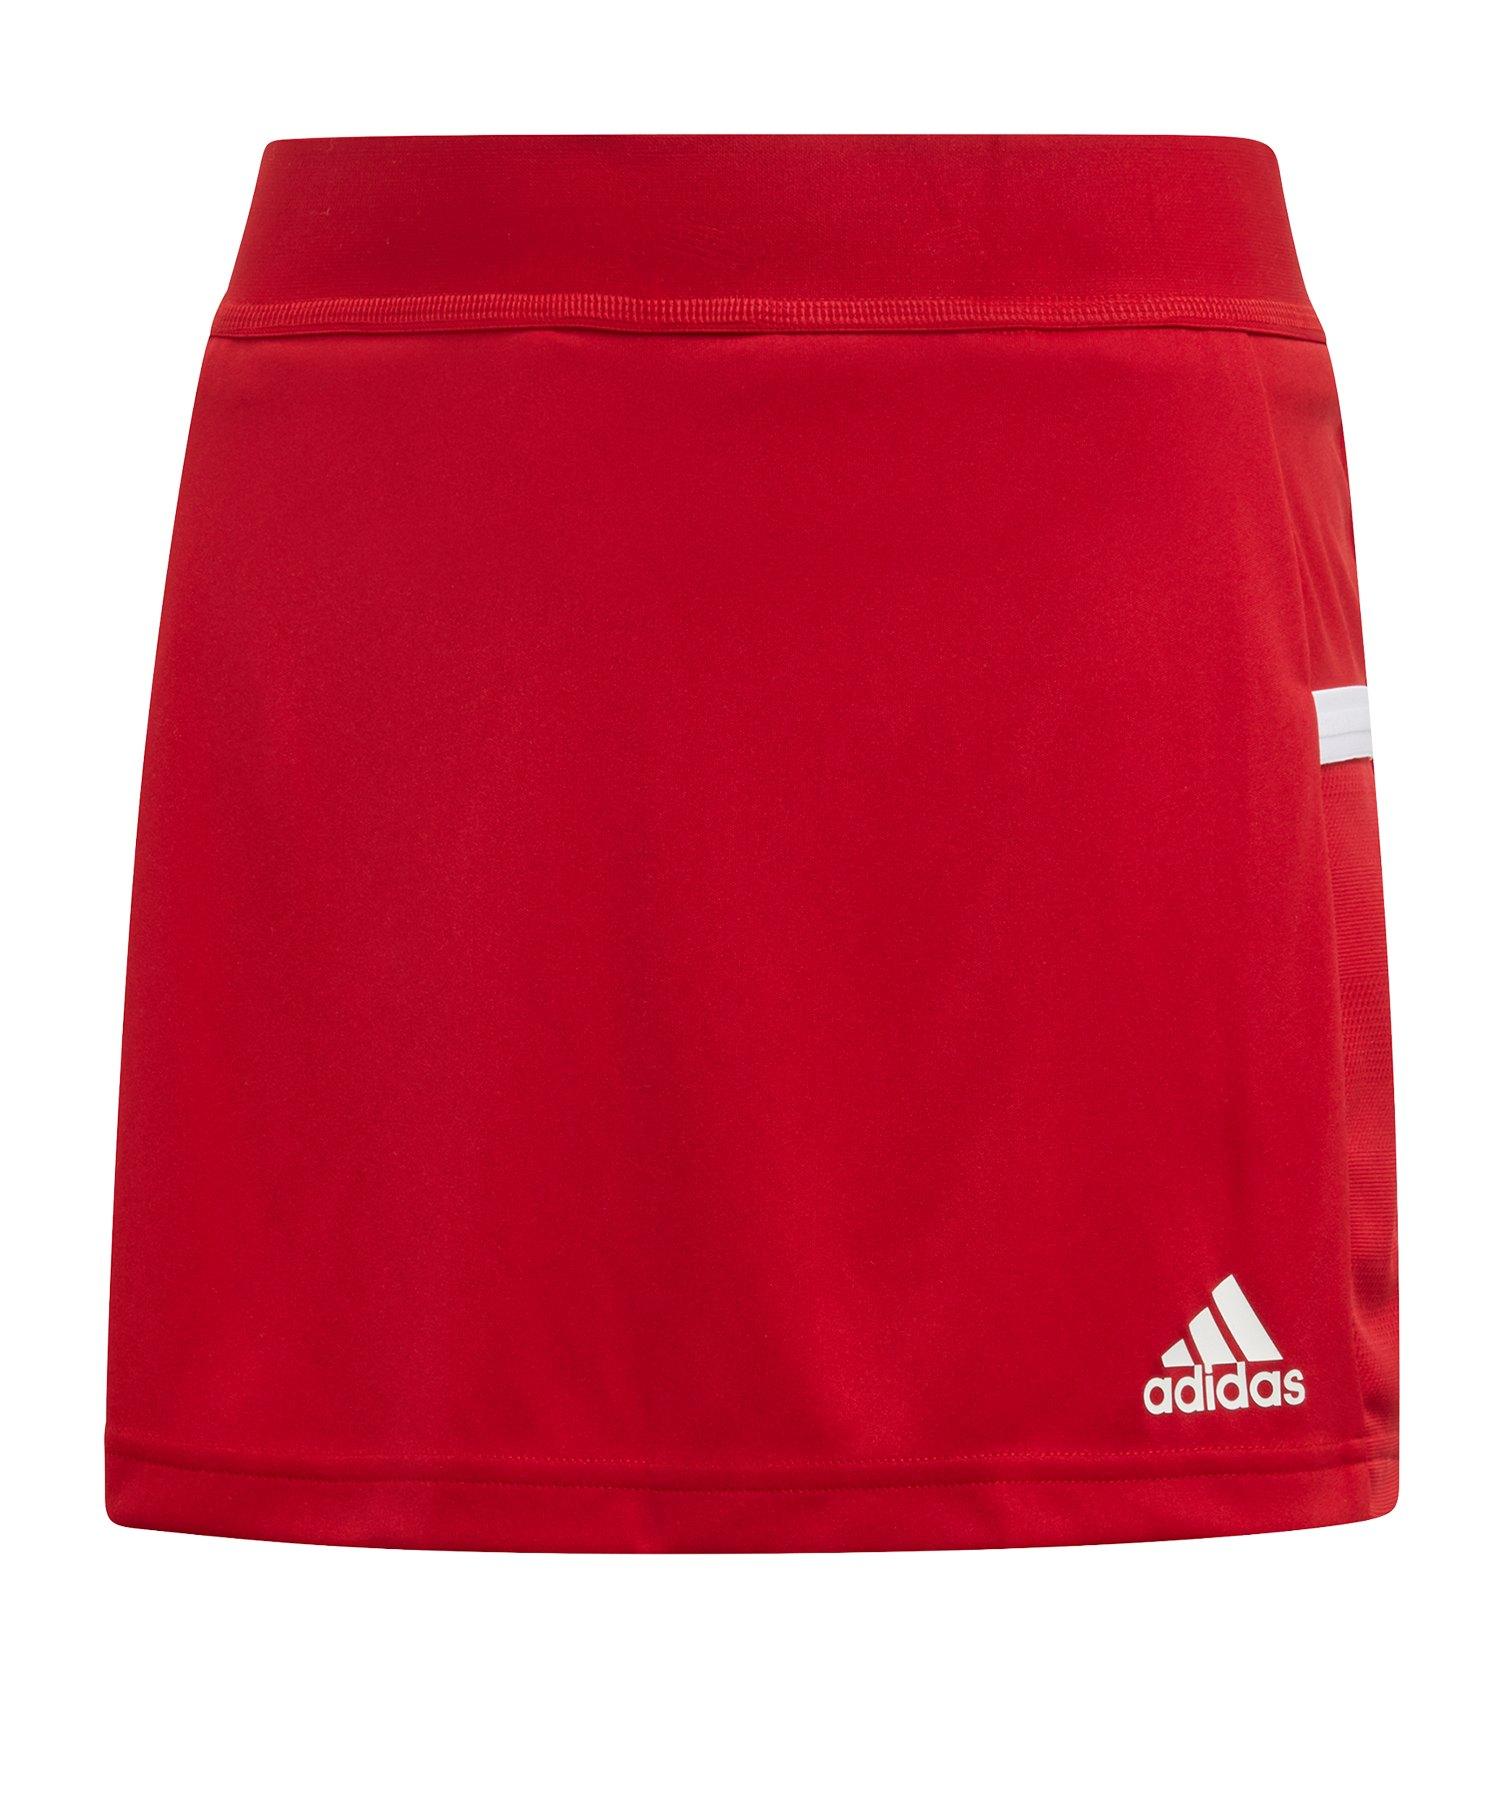 adidas Team 19 Skirt Rock Kids Rot Weiss - rot